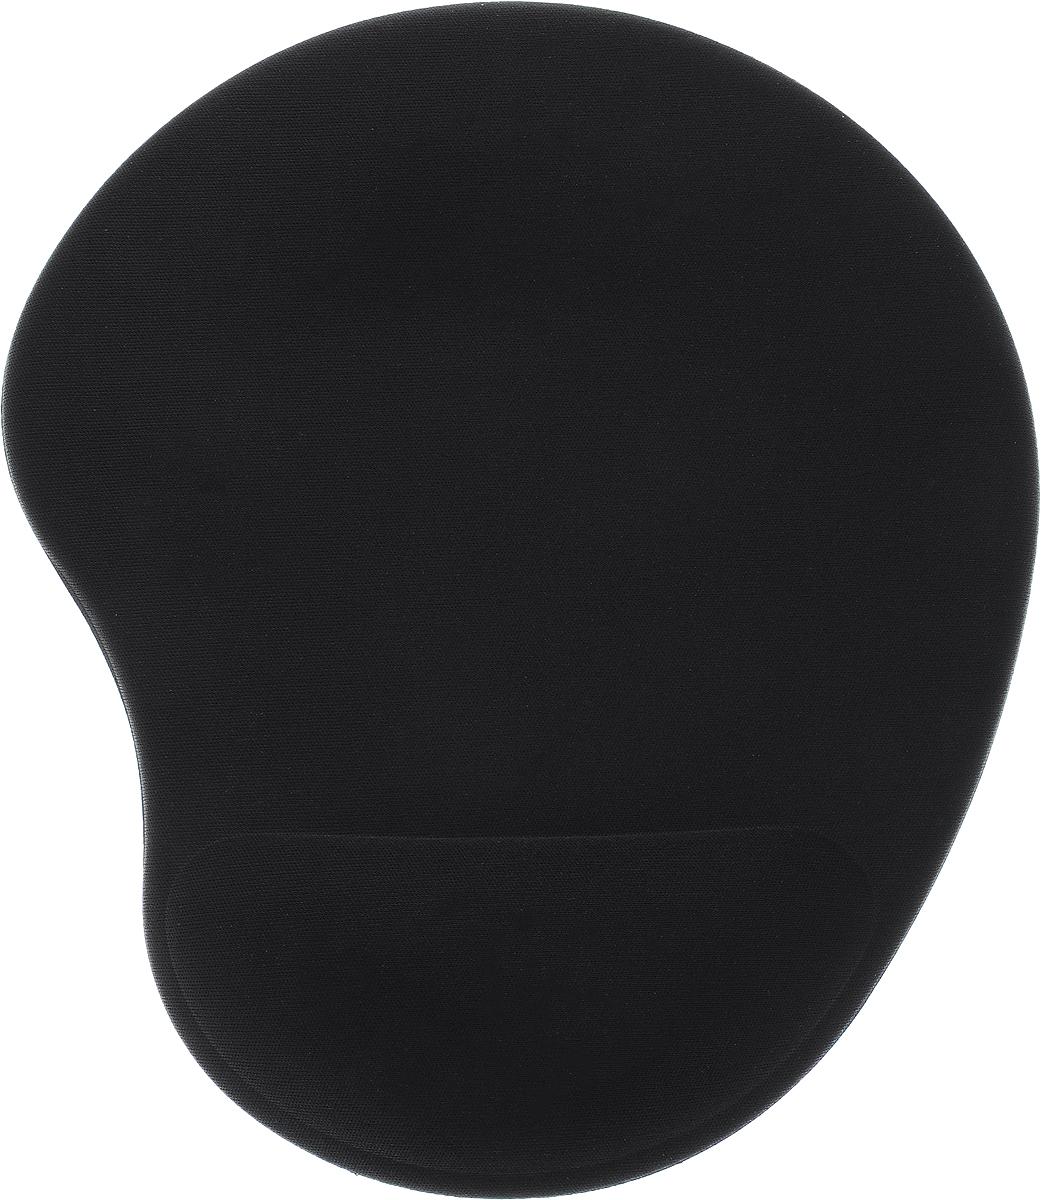 Buro BU-GEL, Black коврик для мыши